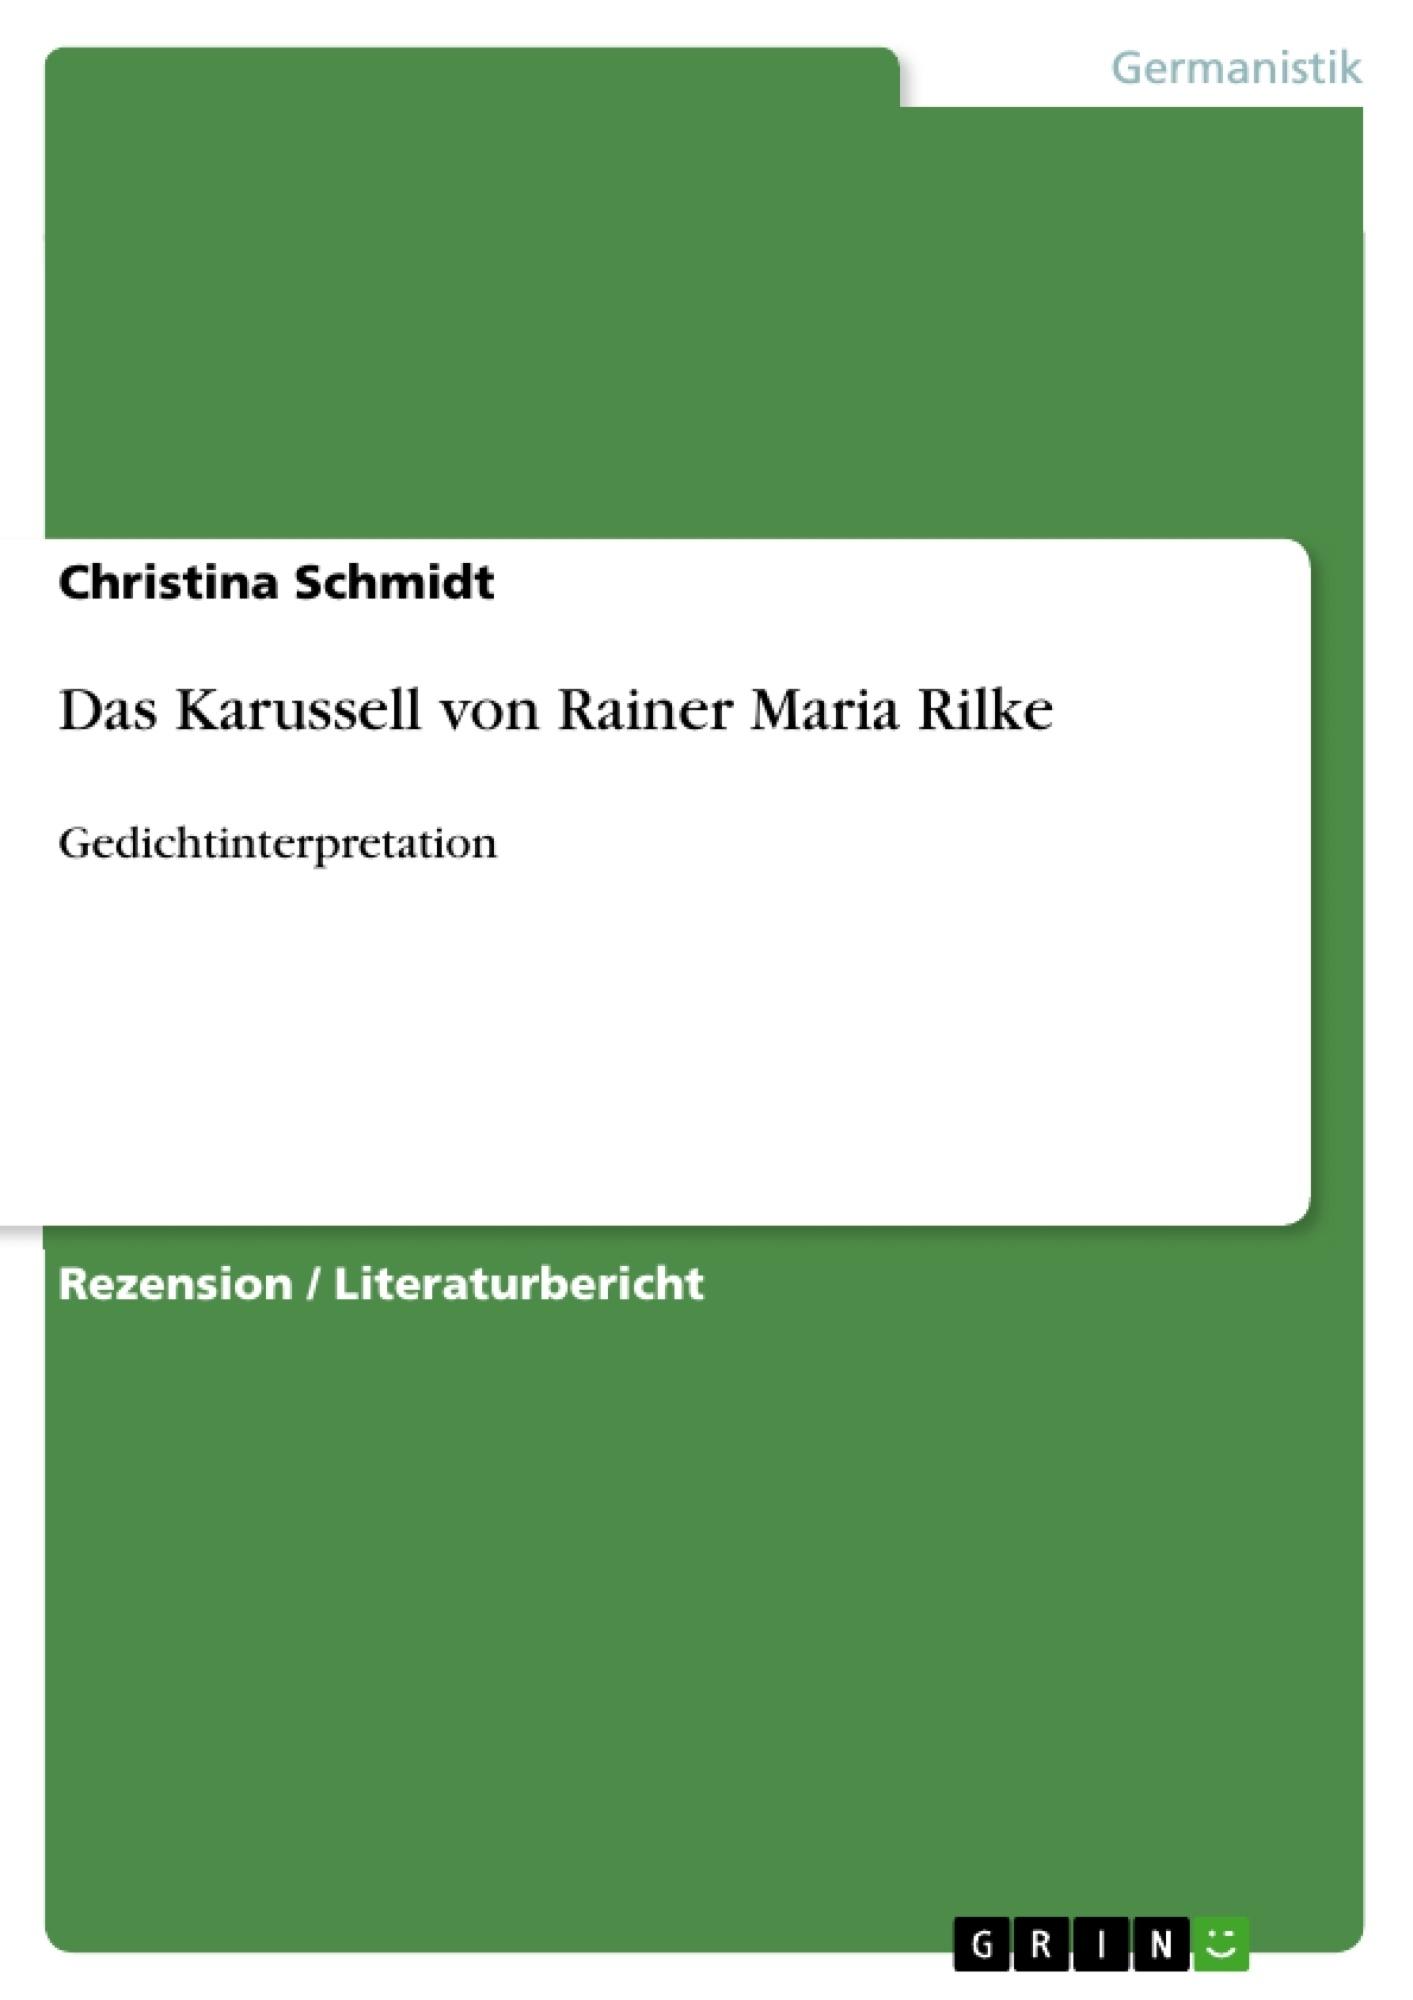 Titel: Das Karussell von Rainer Maria Rilke